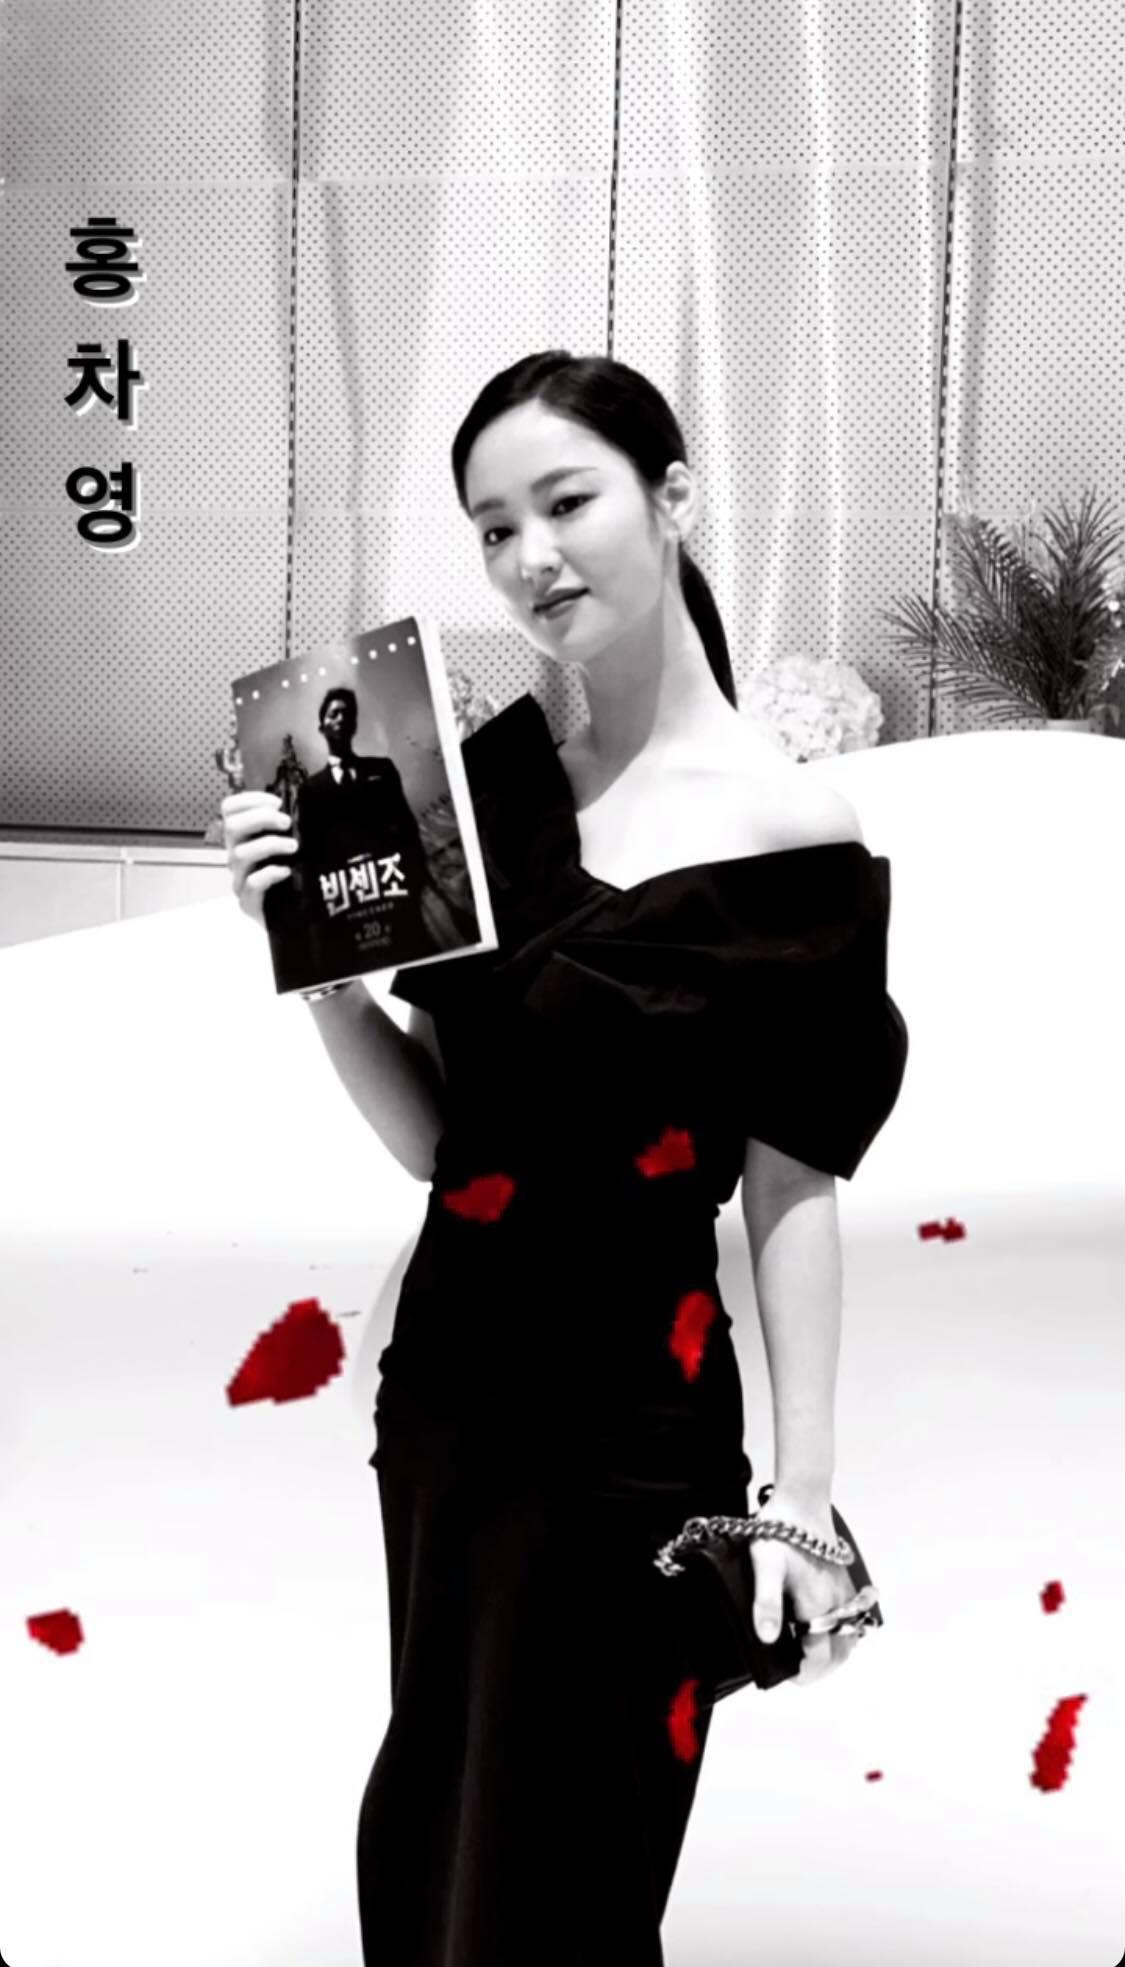 """Từng bị chê kém sắc nhất list """"người thương"""" Song Joong Ki, điên nữ Vincenzo bùng nổ nhan sắc trong tập cuối, diện đồ ăn đứt mẫu quốc tế - Ảnh 4."""